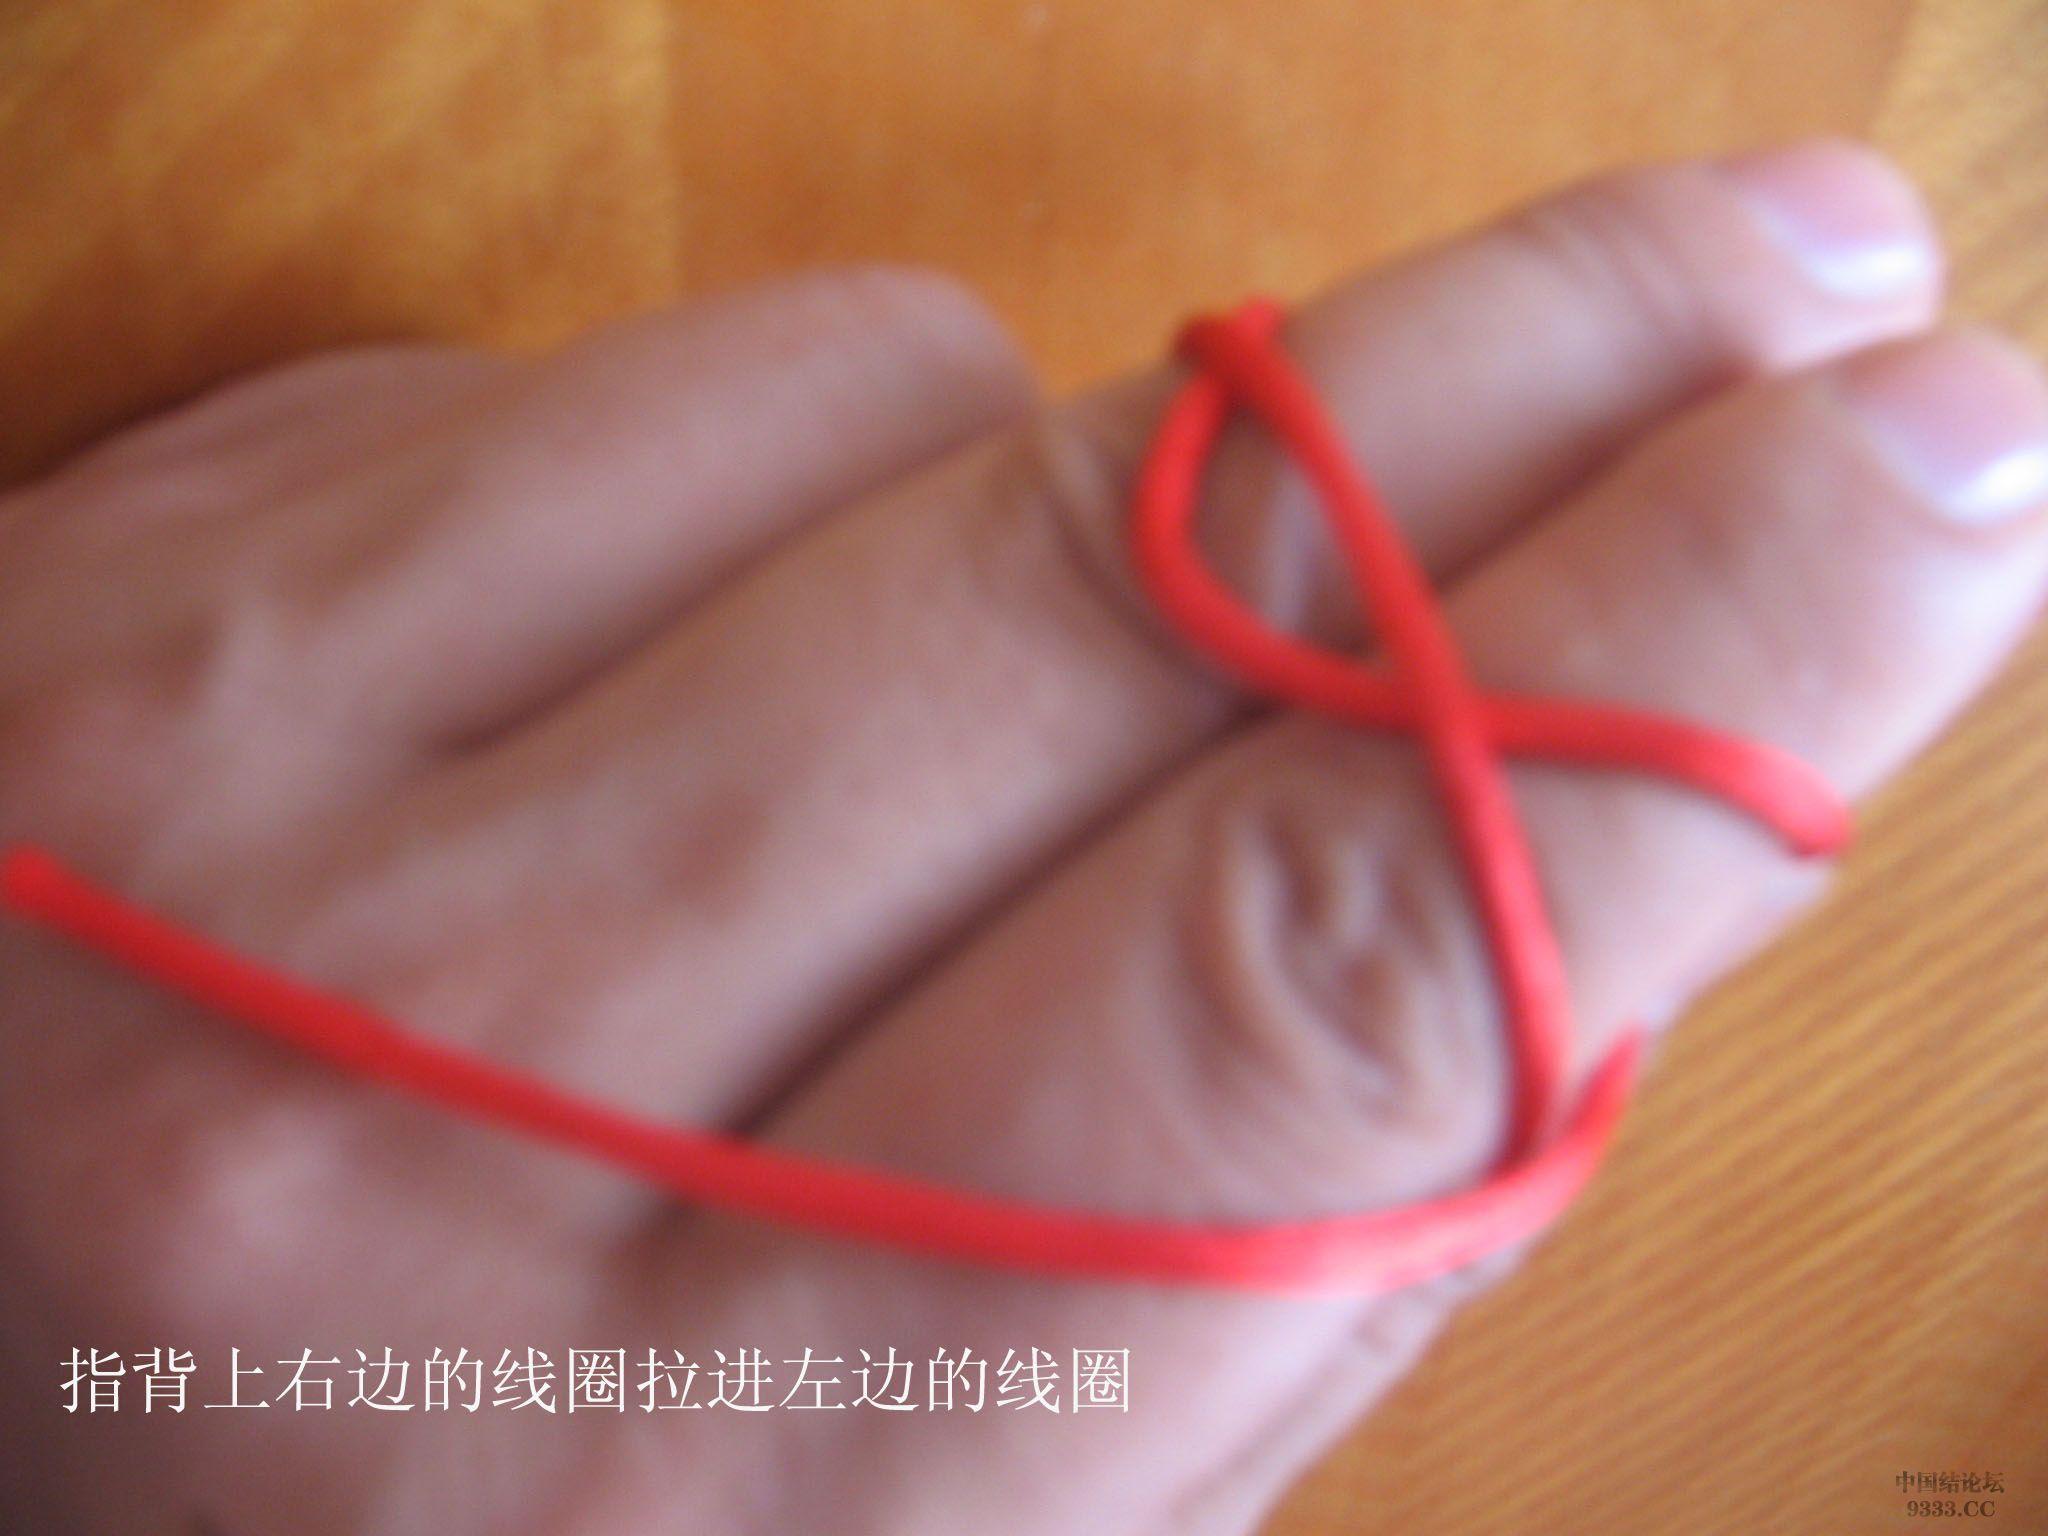 中国结论坛 原创-双钱结的快速编制方法 双钱结 基本结-新手入门必看 0907240955cfeeb173e1d08d5e